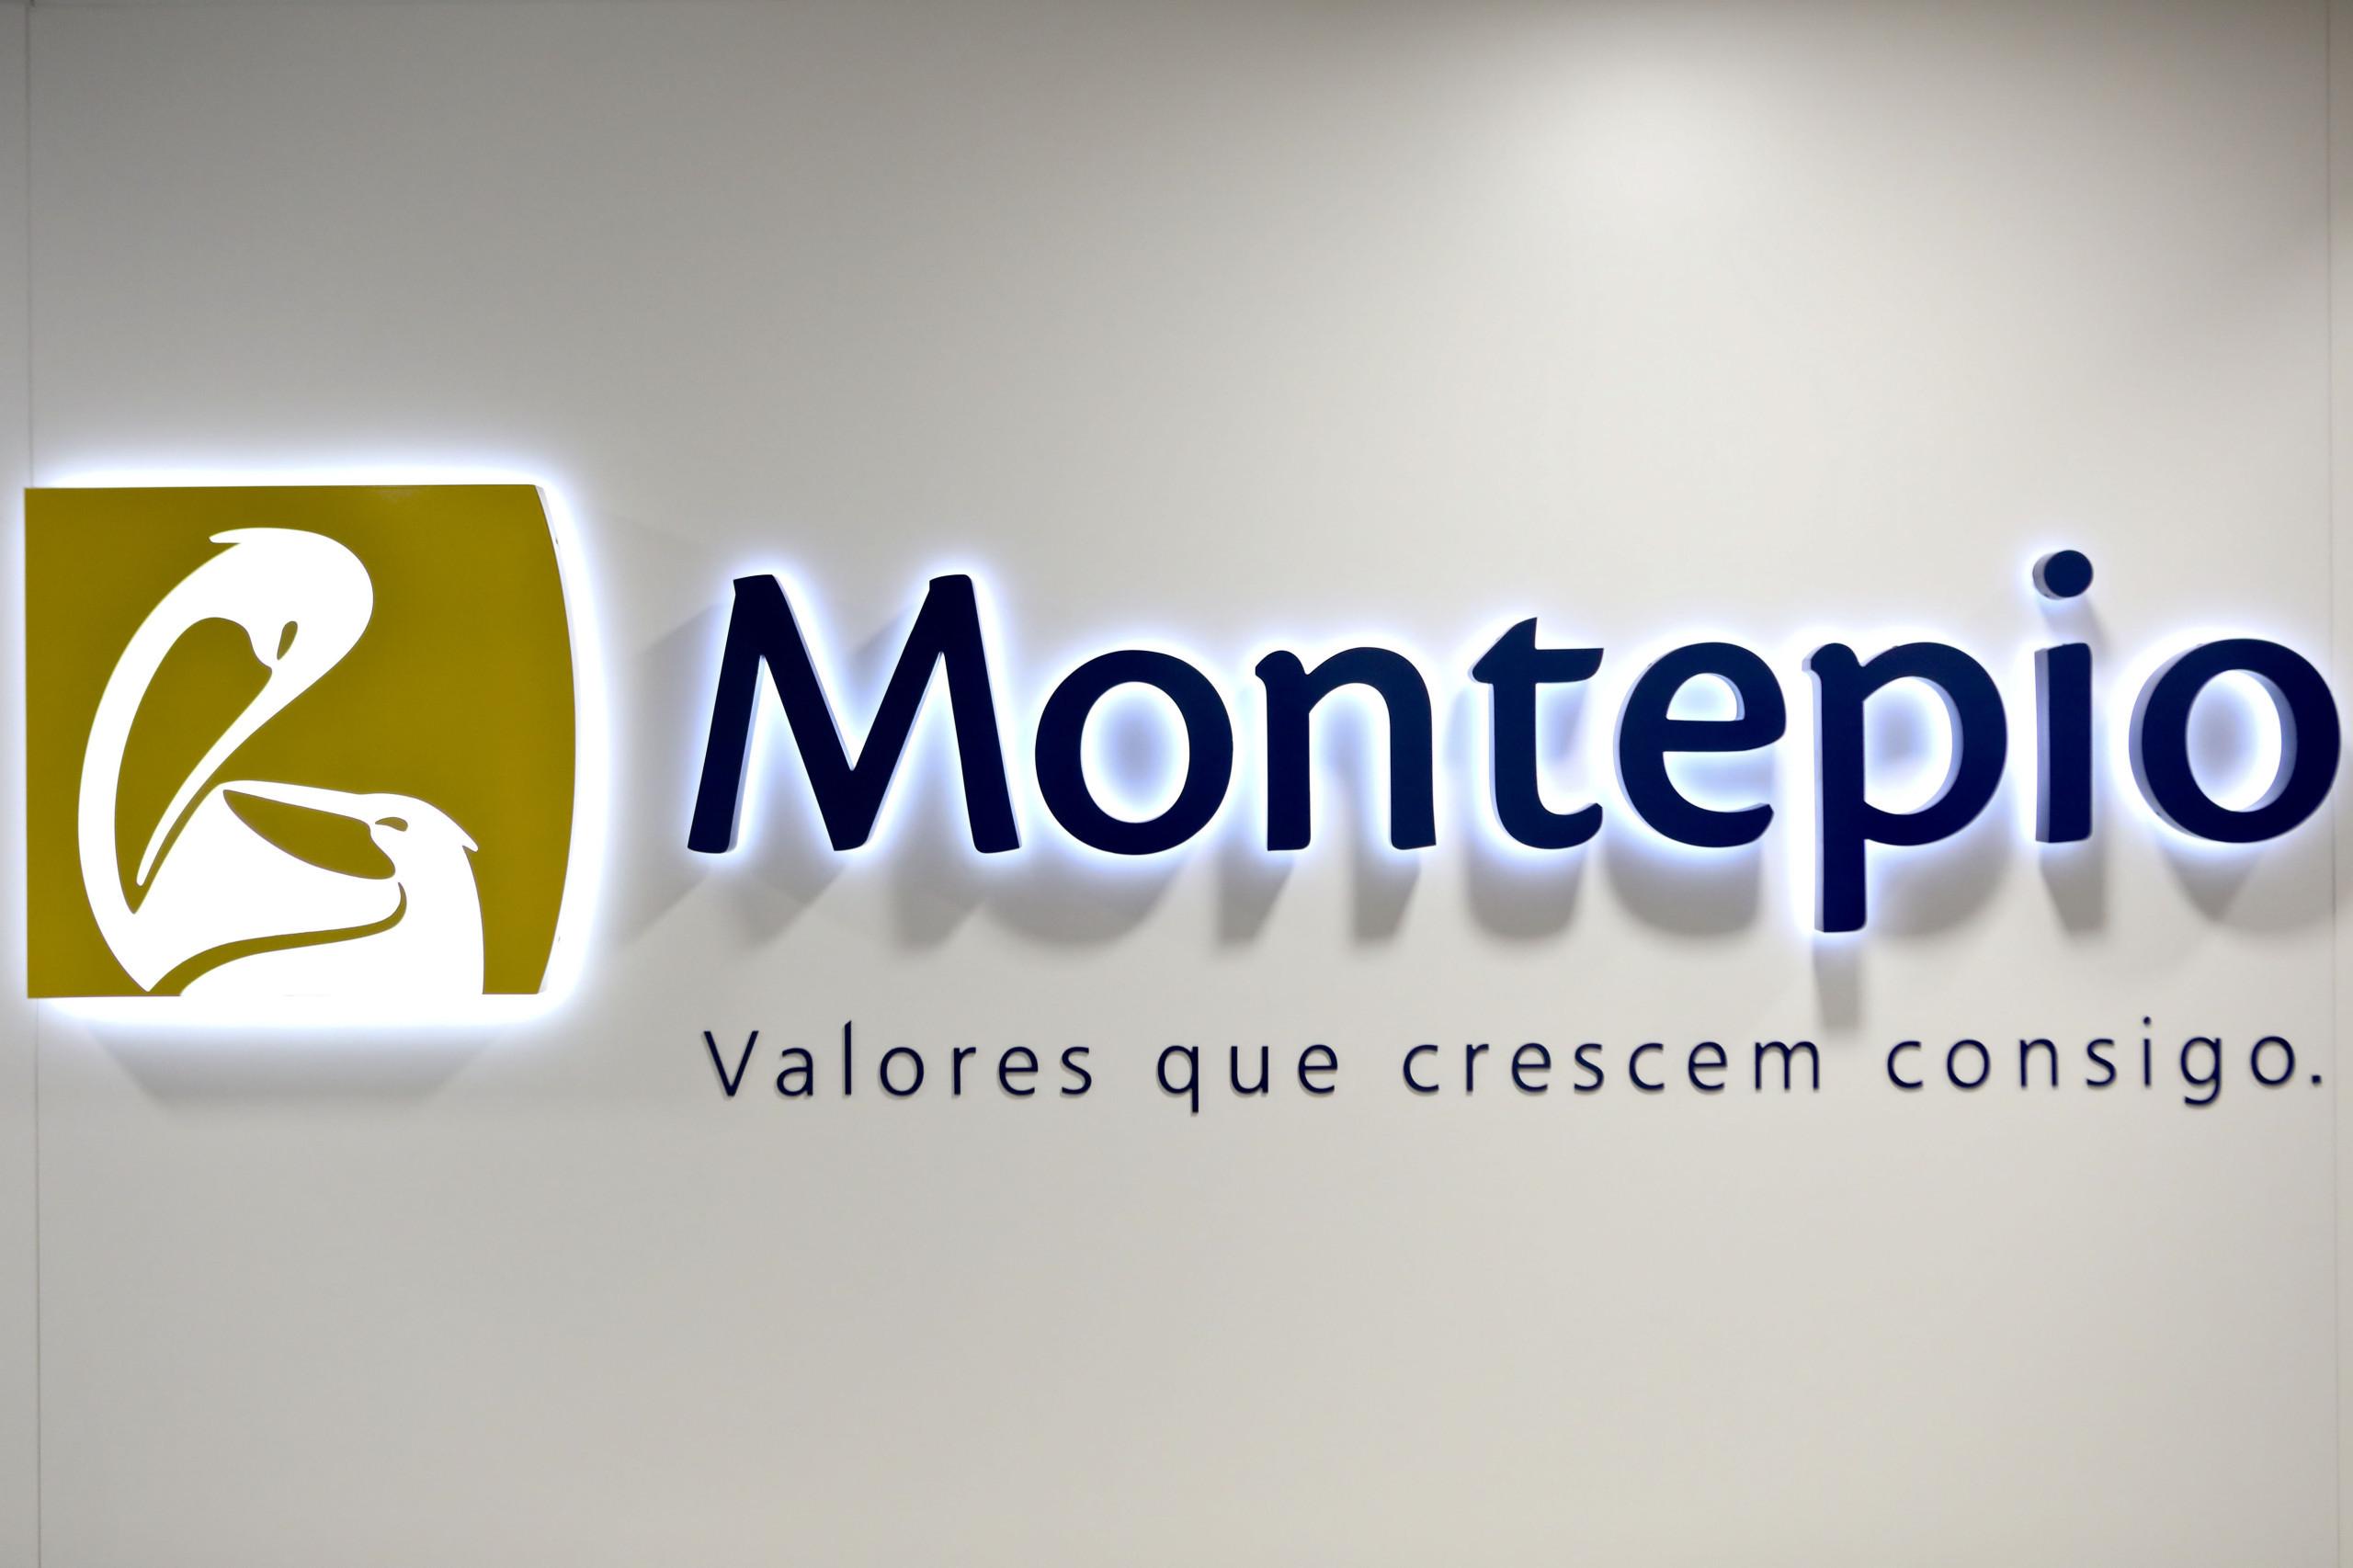 Caixa Económica passa a chamar-se Banco Montepio